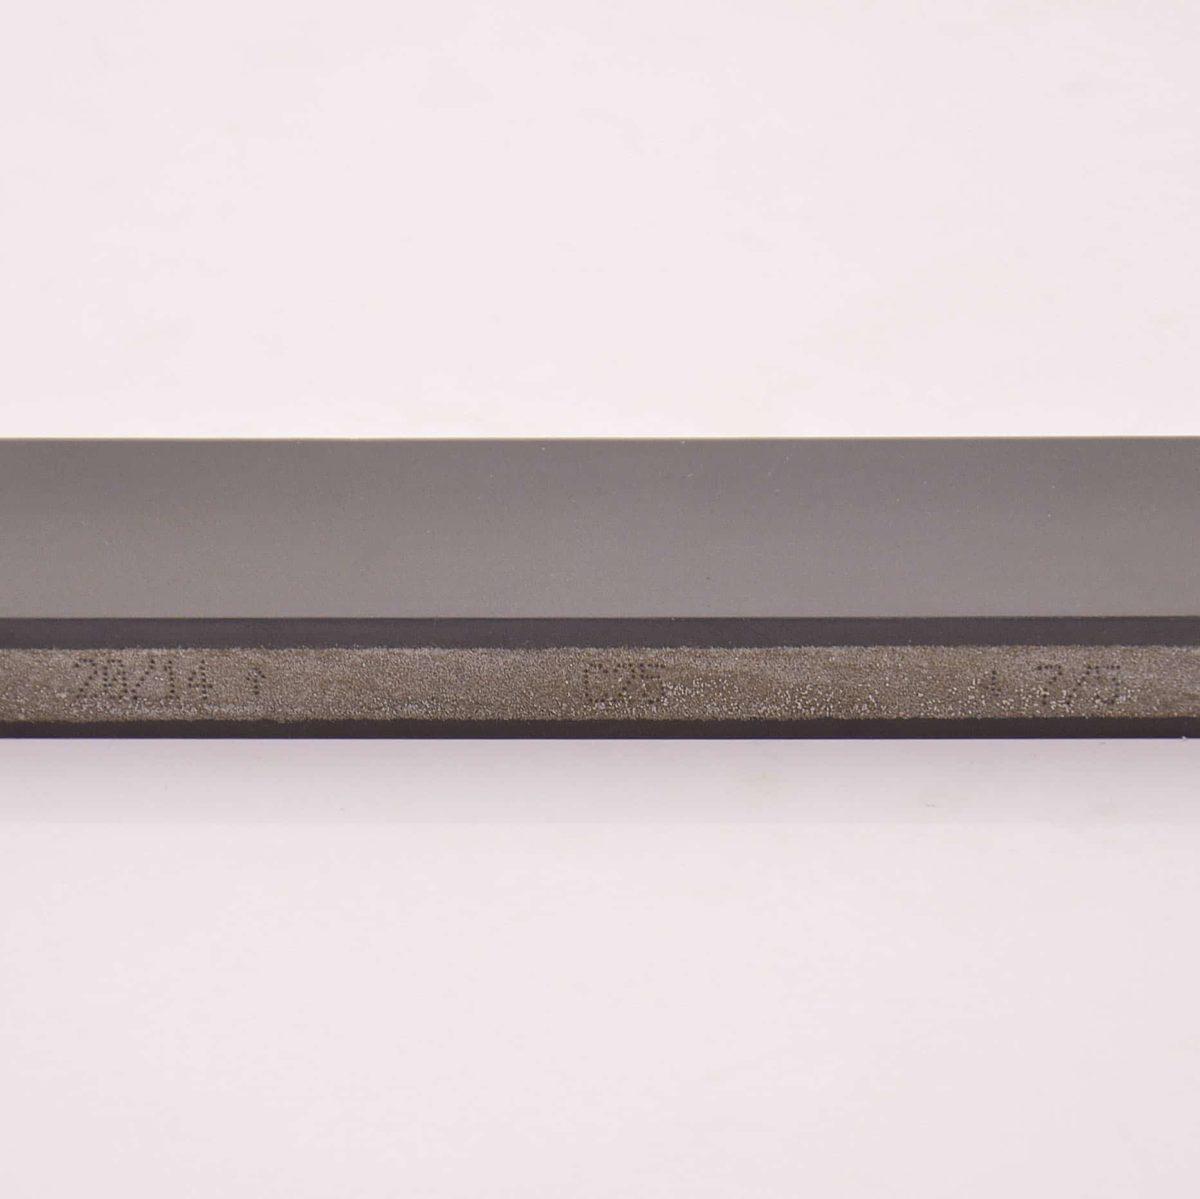 Алмазный 2-х сторонний брусок Венев 20/14-7/5 С25%, 200х35х10 мм 3